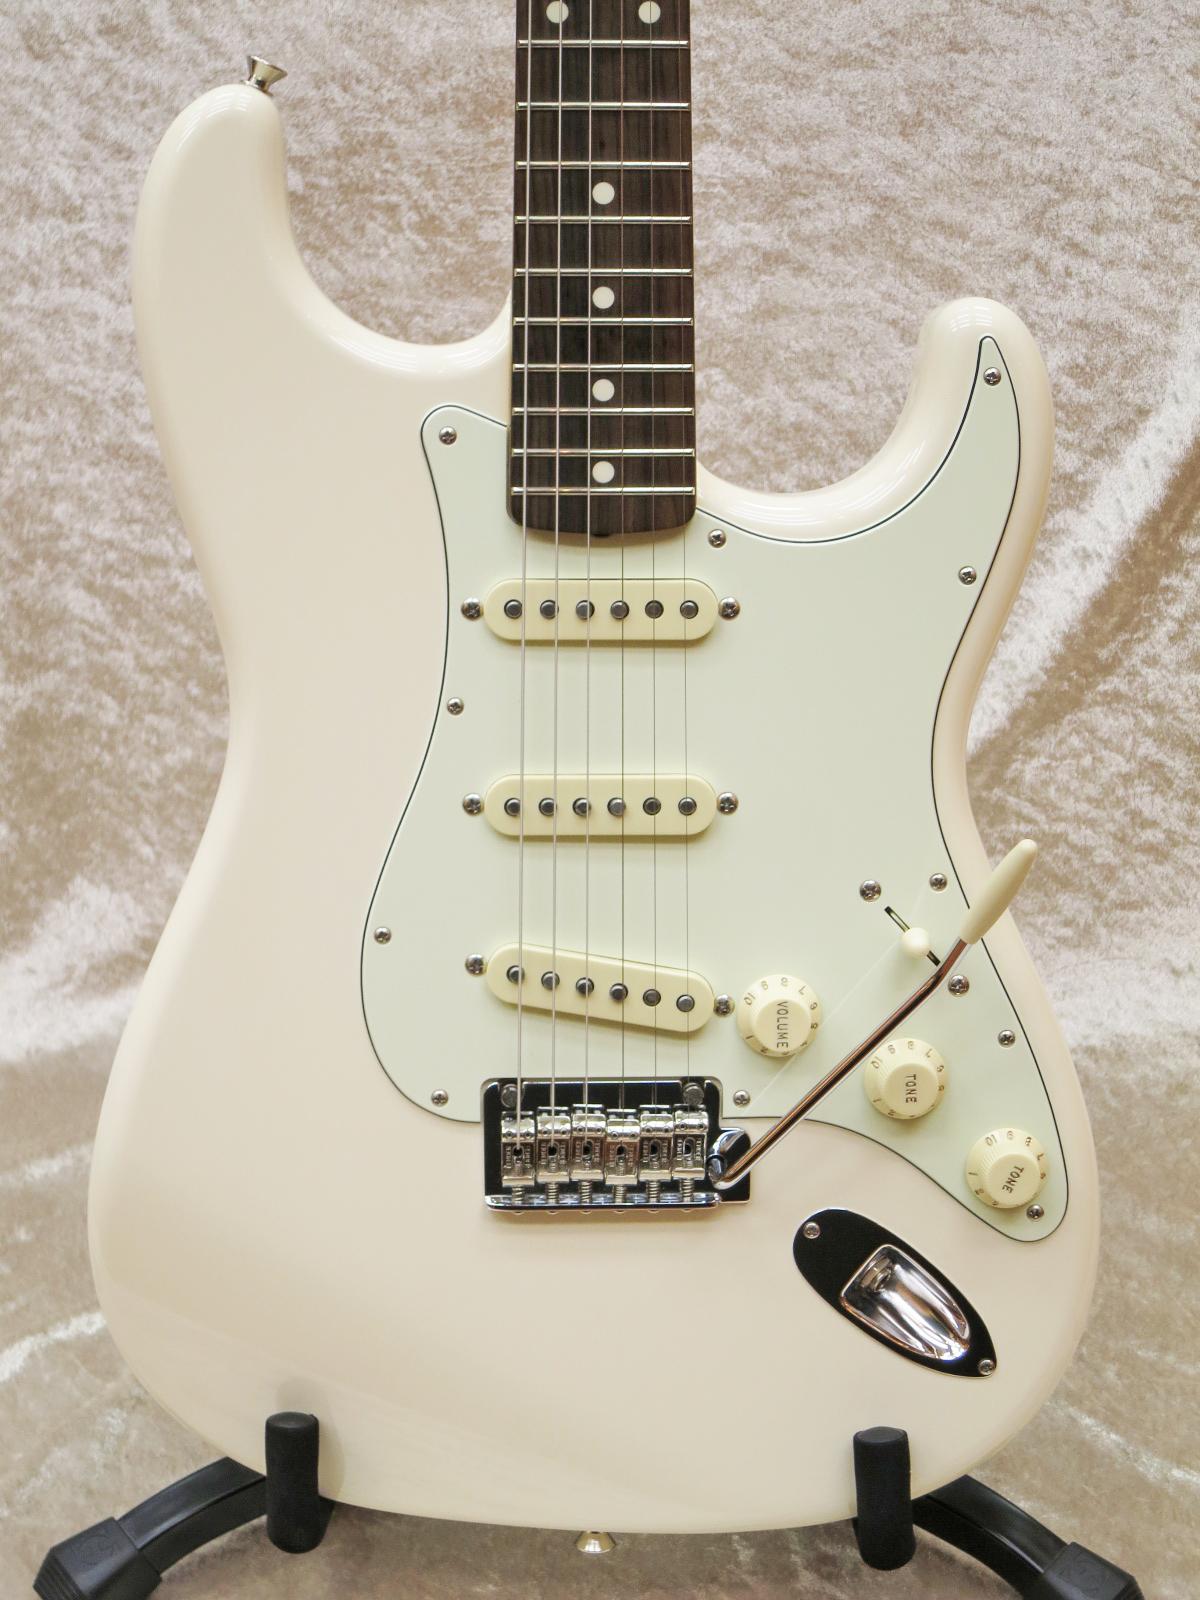 中古エレキギターのFender Japan 取扱商品一覧 | Shimokura